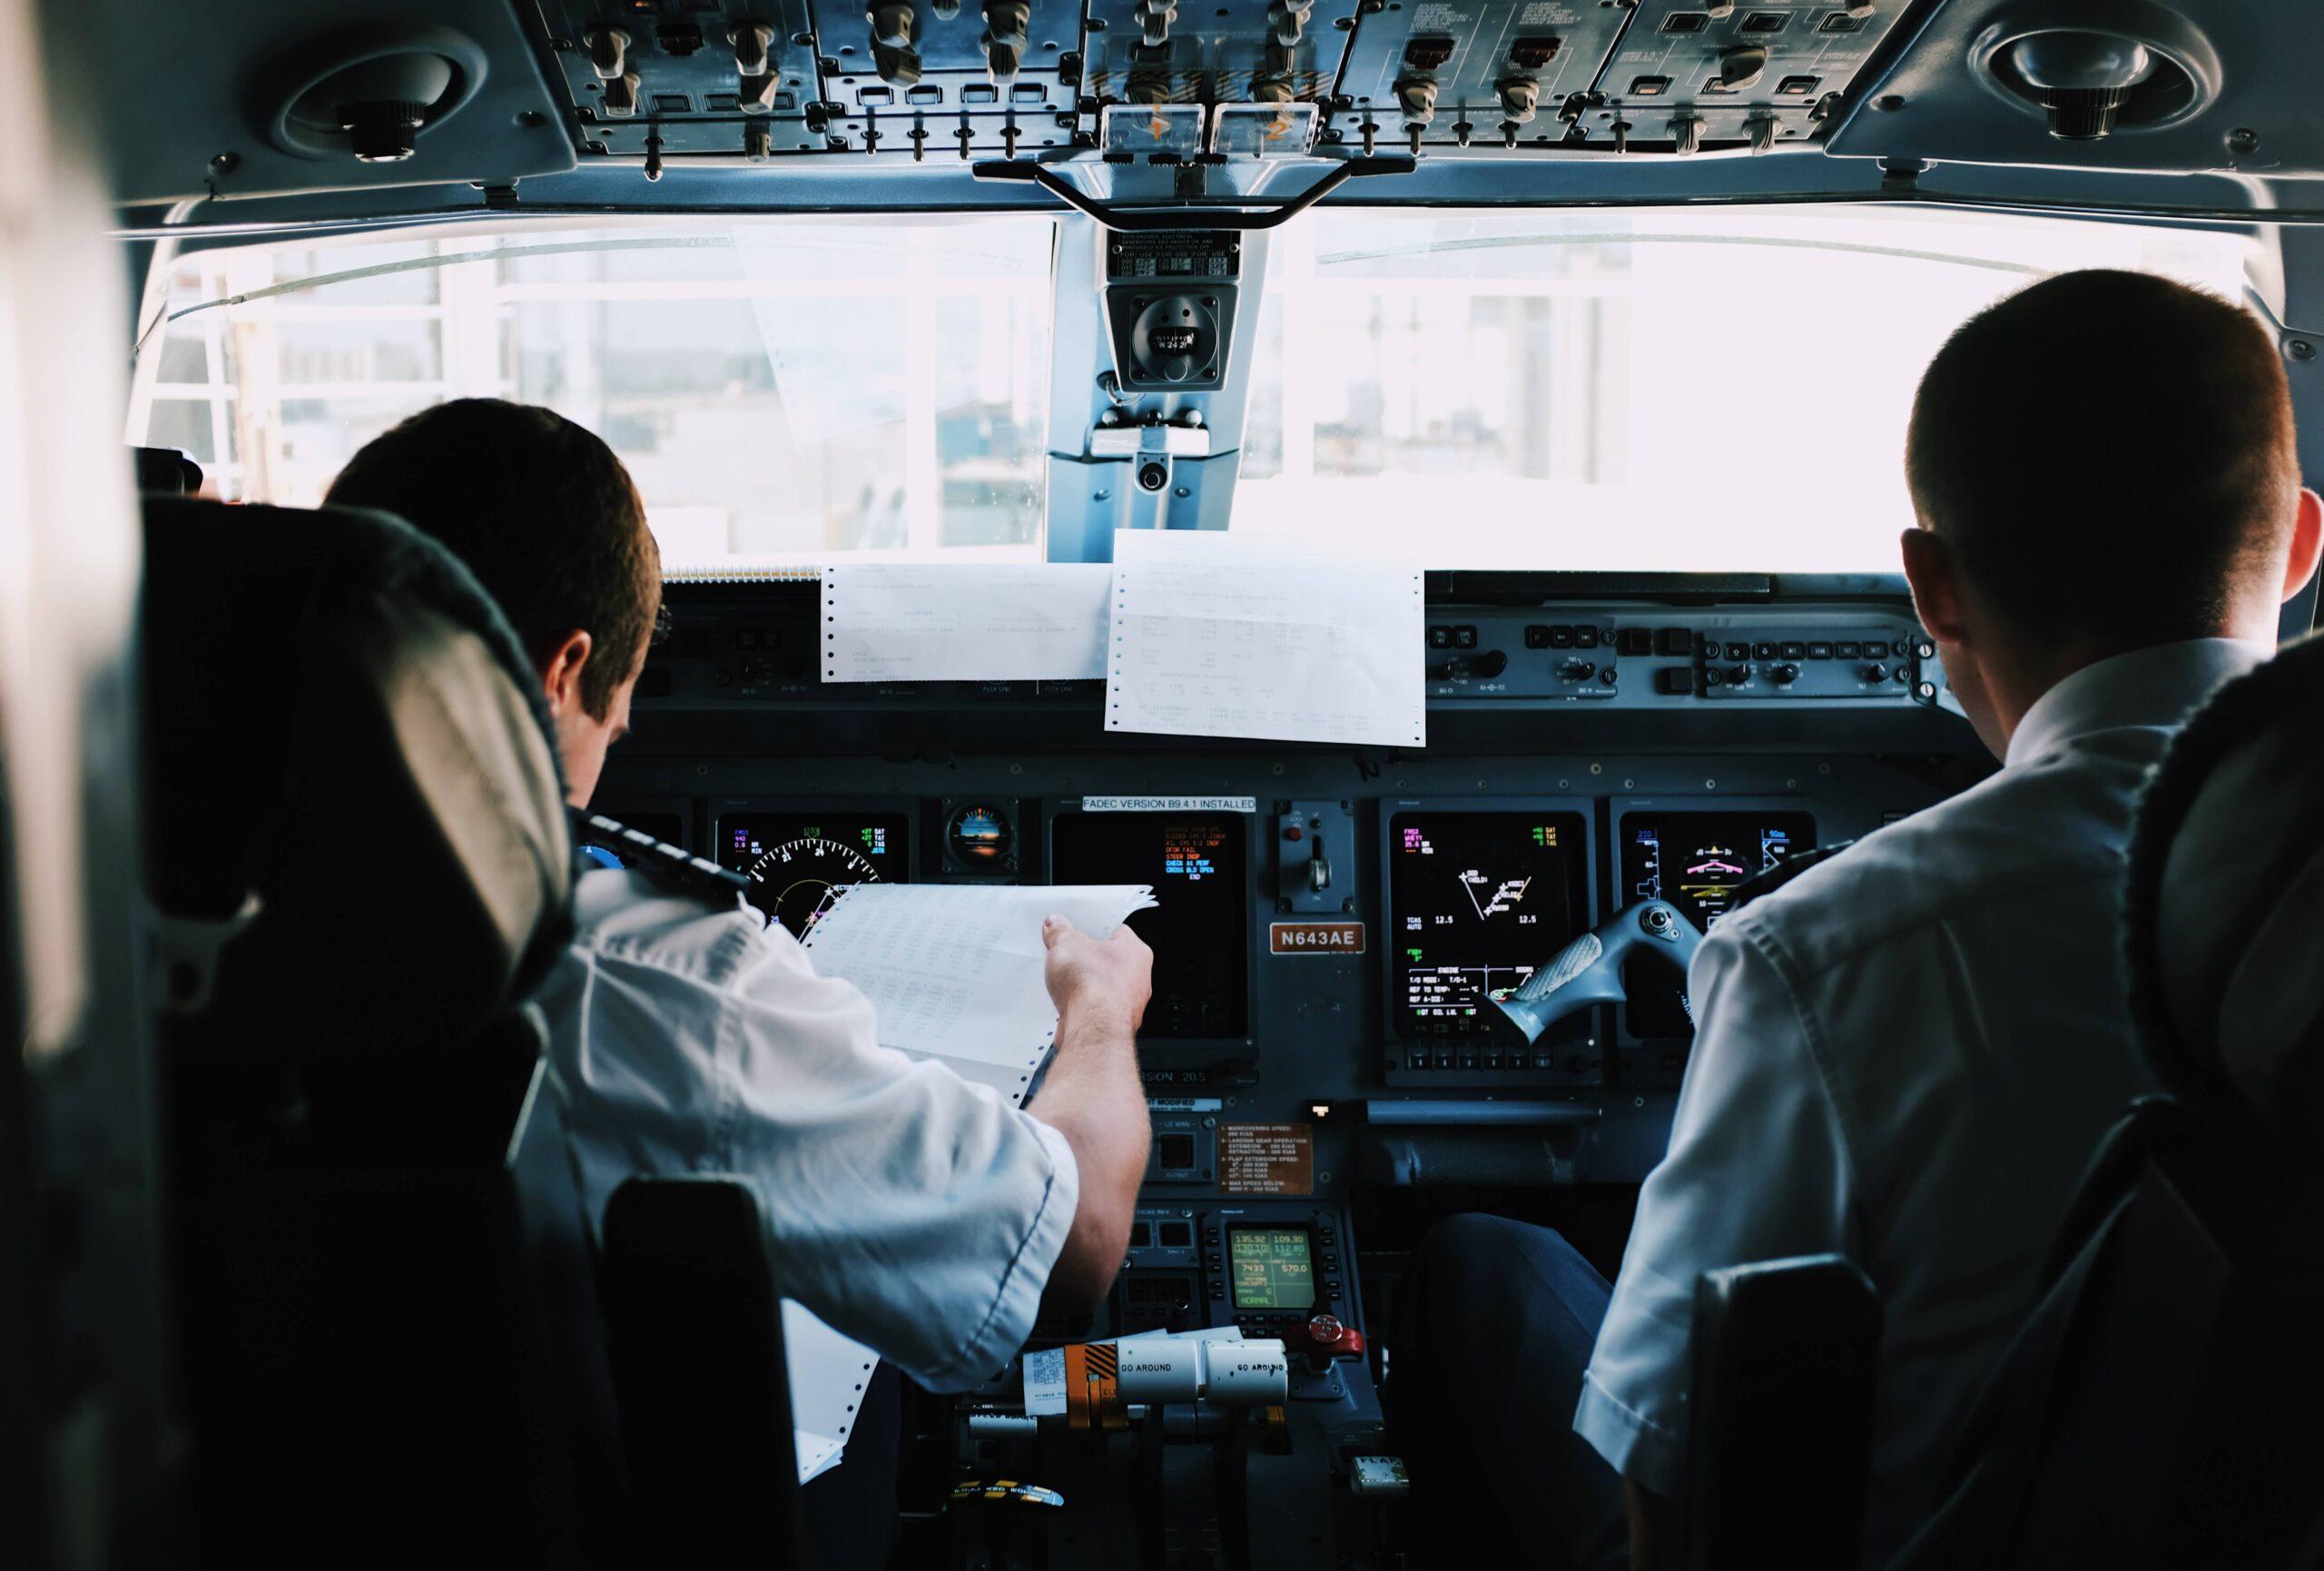 Hvordan Er Arbejdsmiljøet Som Pilot?